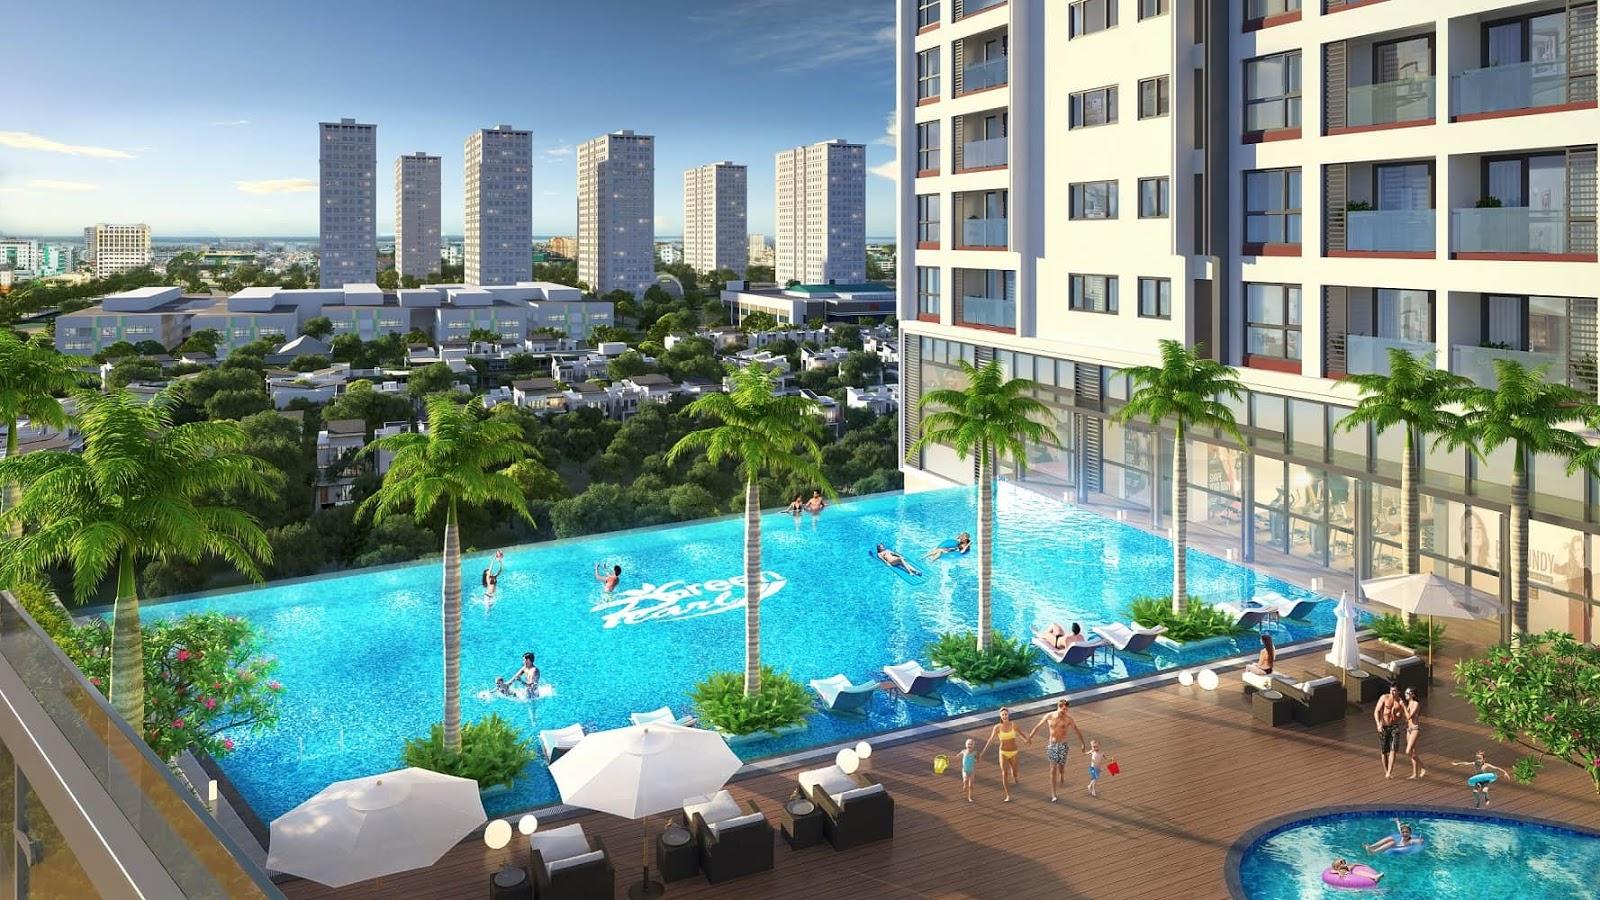 Bể bơi chung cư Green Pearl 378 Minh Khai